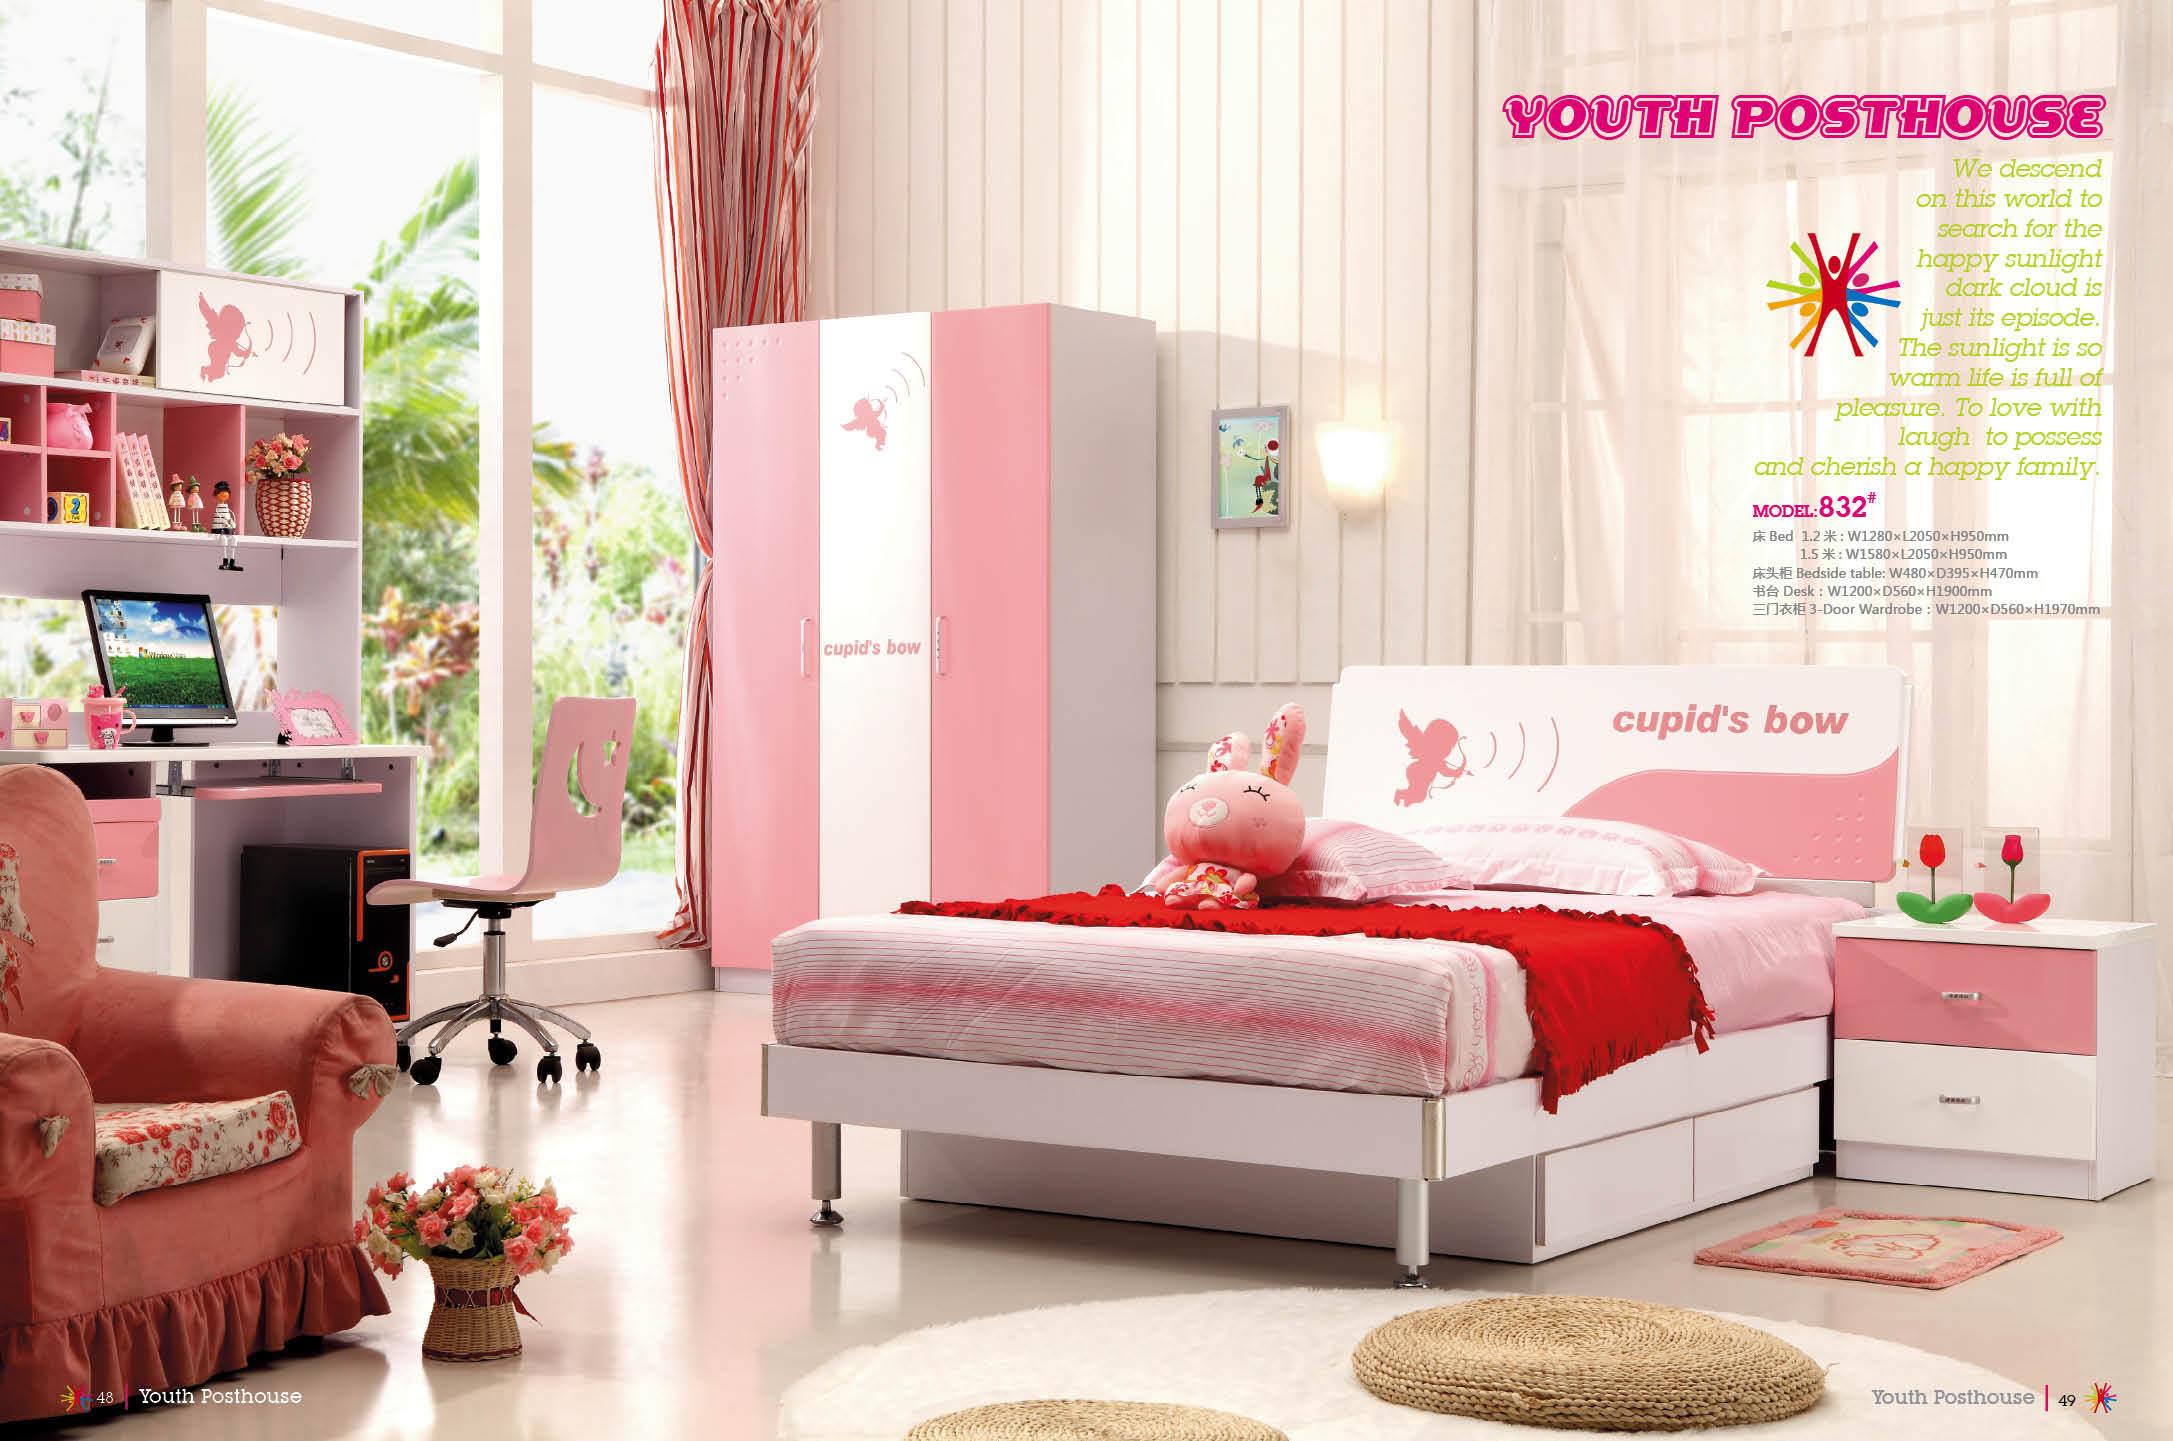 Meubles de chambre coucher de la jeunesse r gl s 832 - Meubles chambre a coucher ...